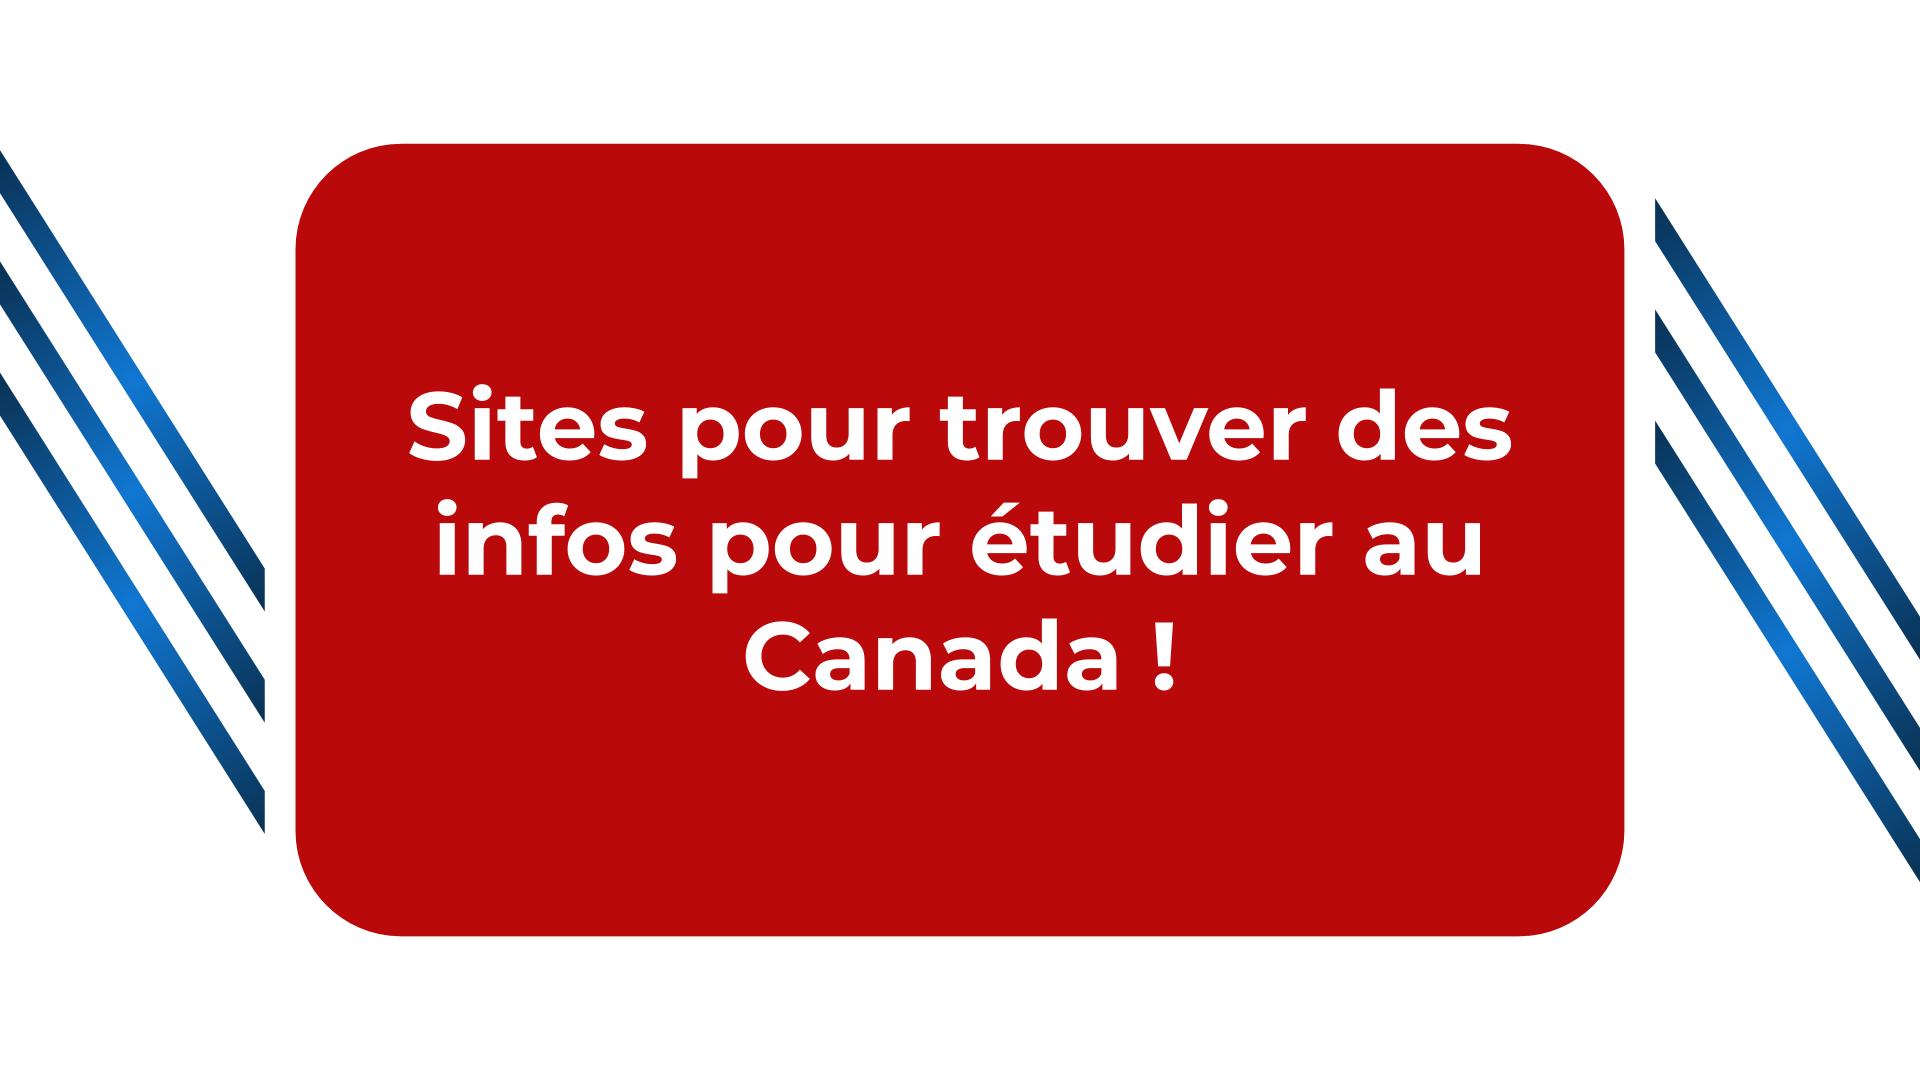 Sites pour trouver des infos pour étudier au Canada !